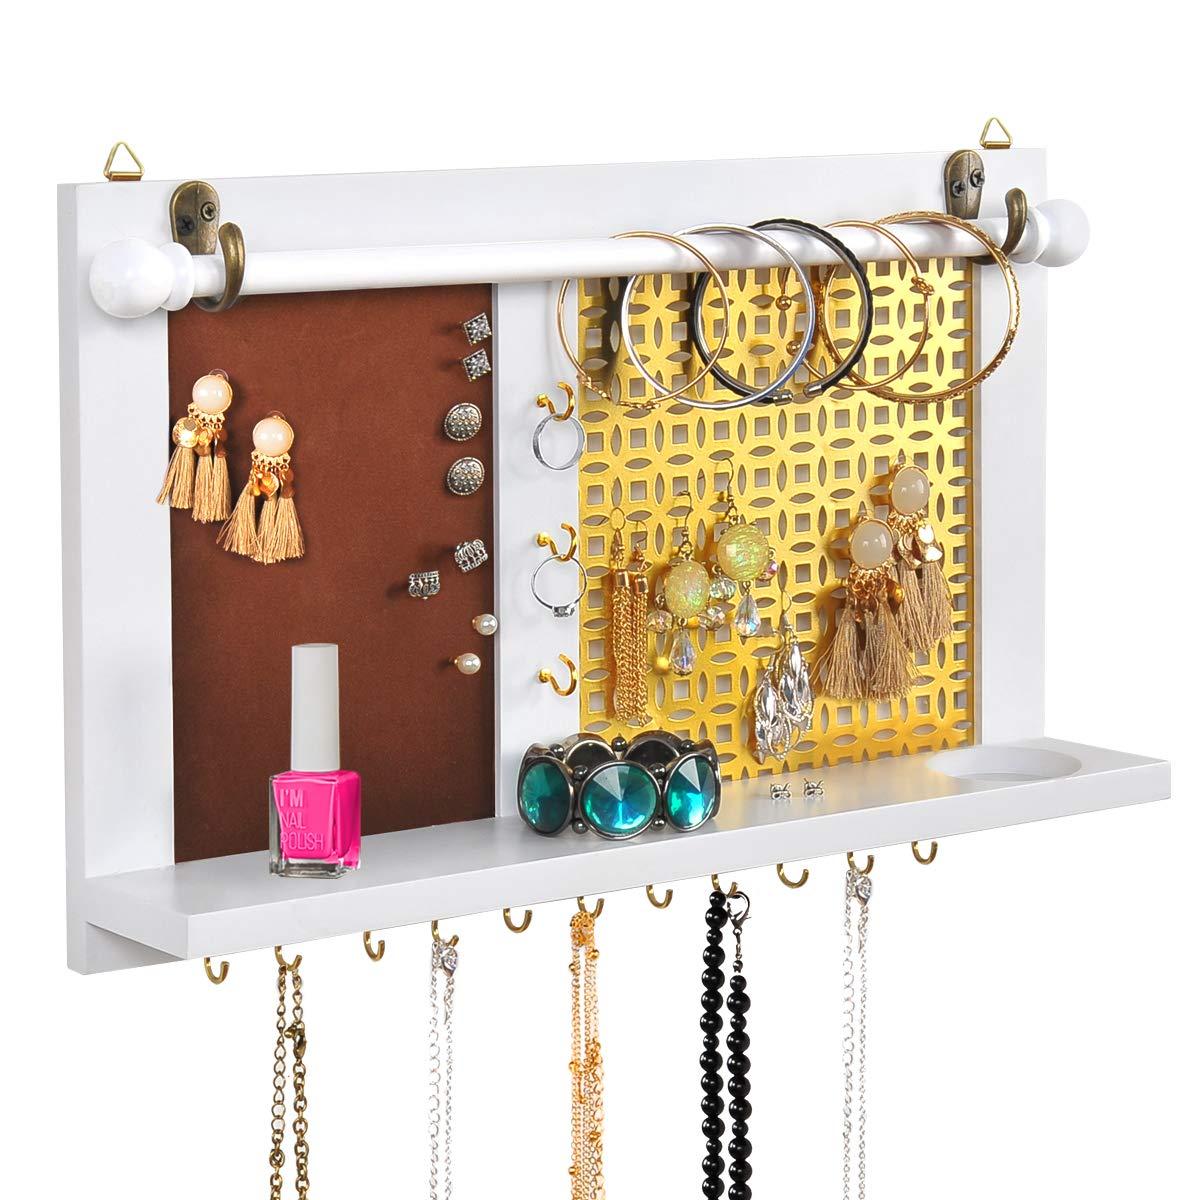 ASHLEYRIVER White Wall Mounted Jewelry Organizer Wood Bracelet Organizer/Necklace Holder/Earring Organizer